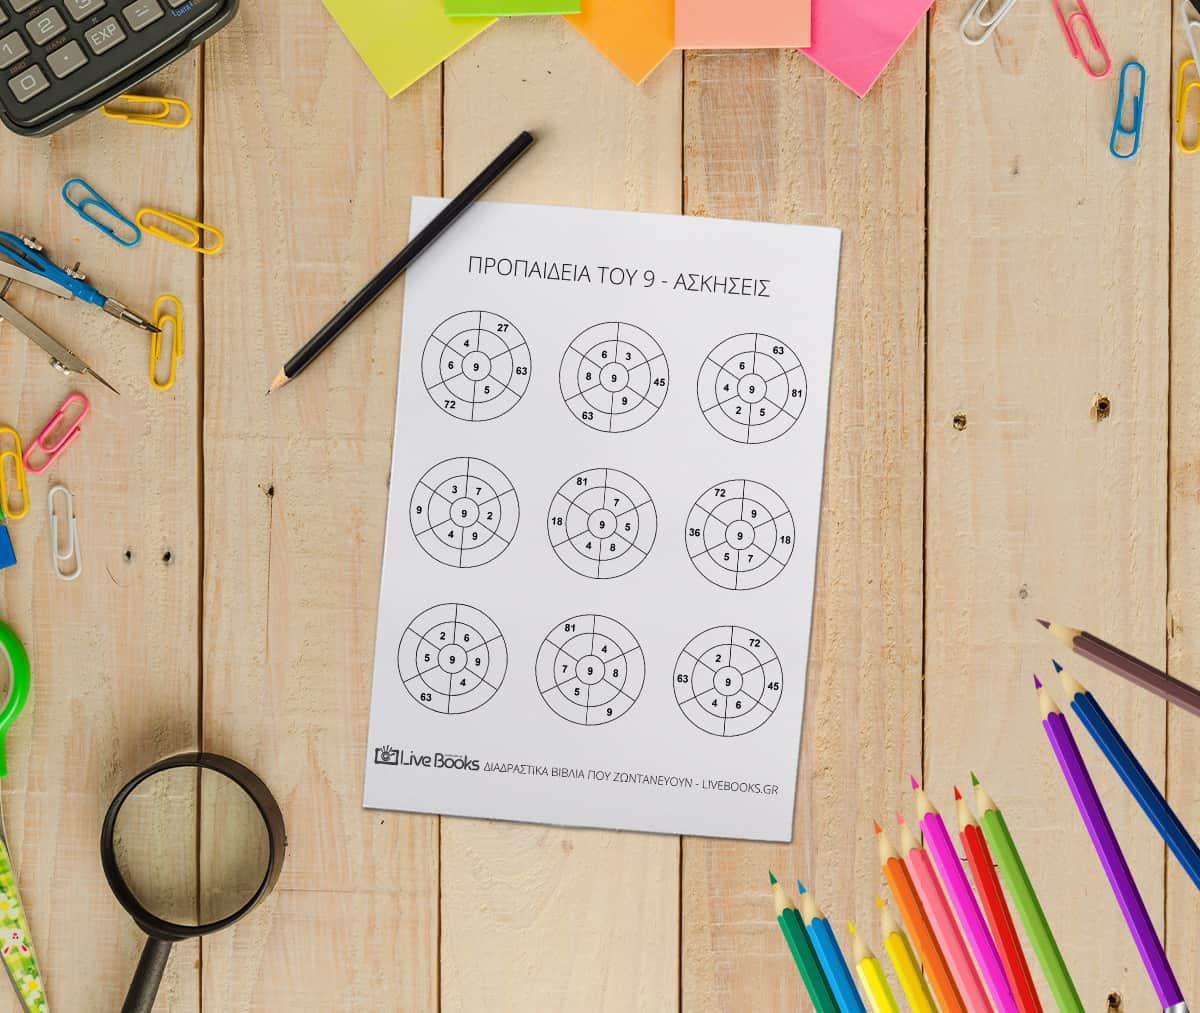 Προπαίδεια του 9 - ασκήσεις σε κύκλους